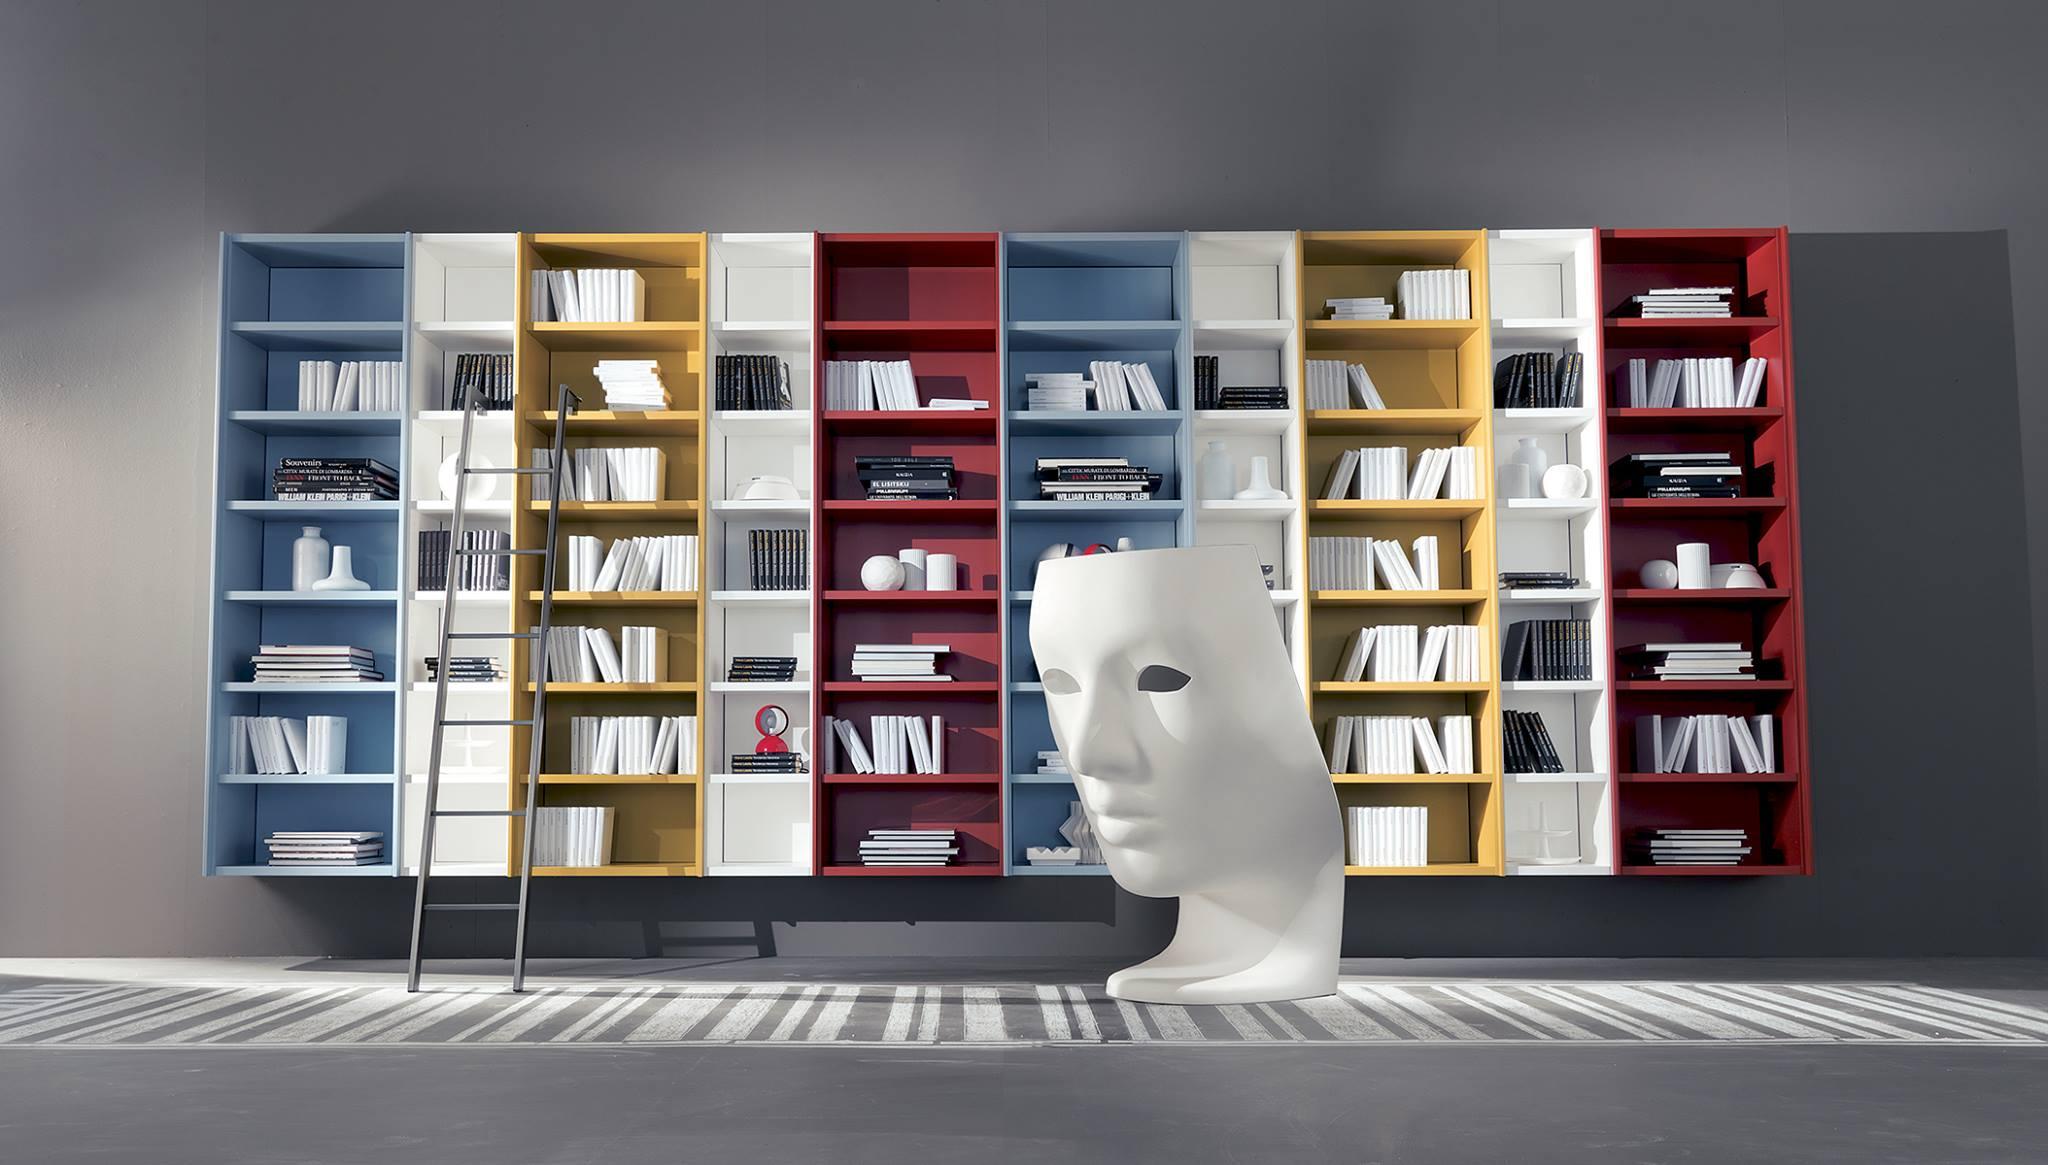 fimar edis bookcase